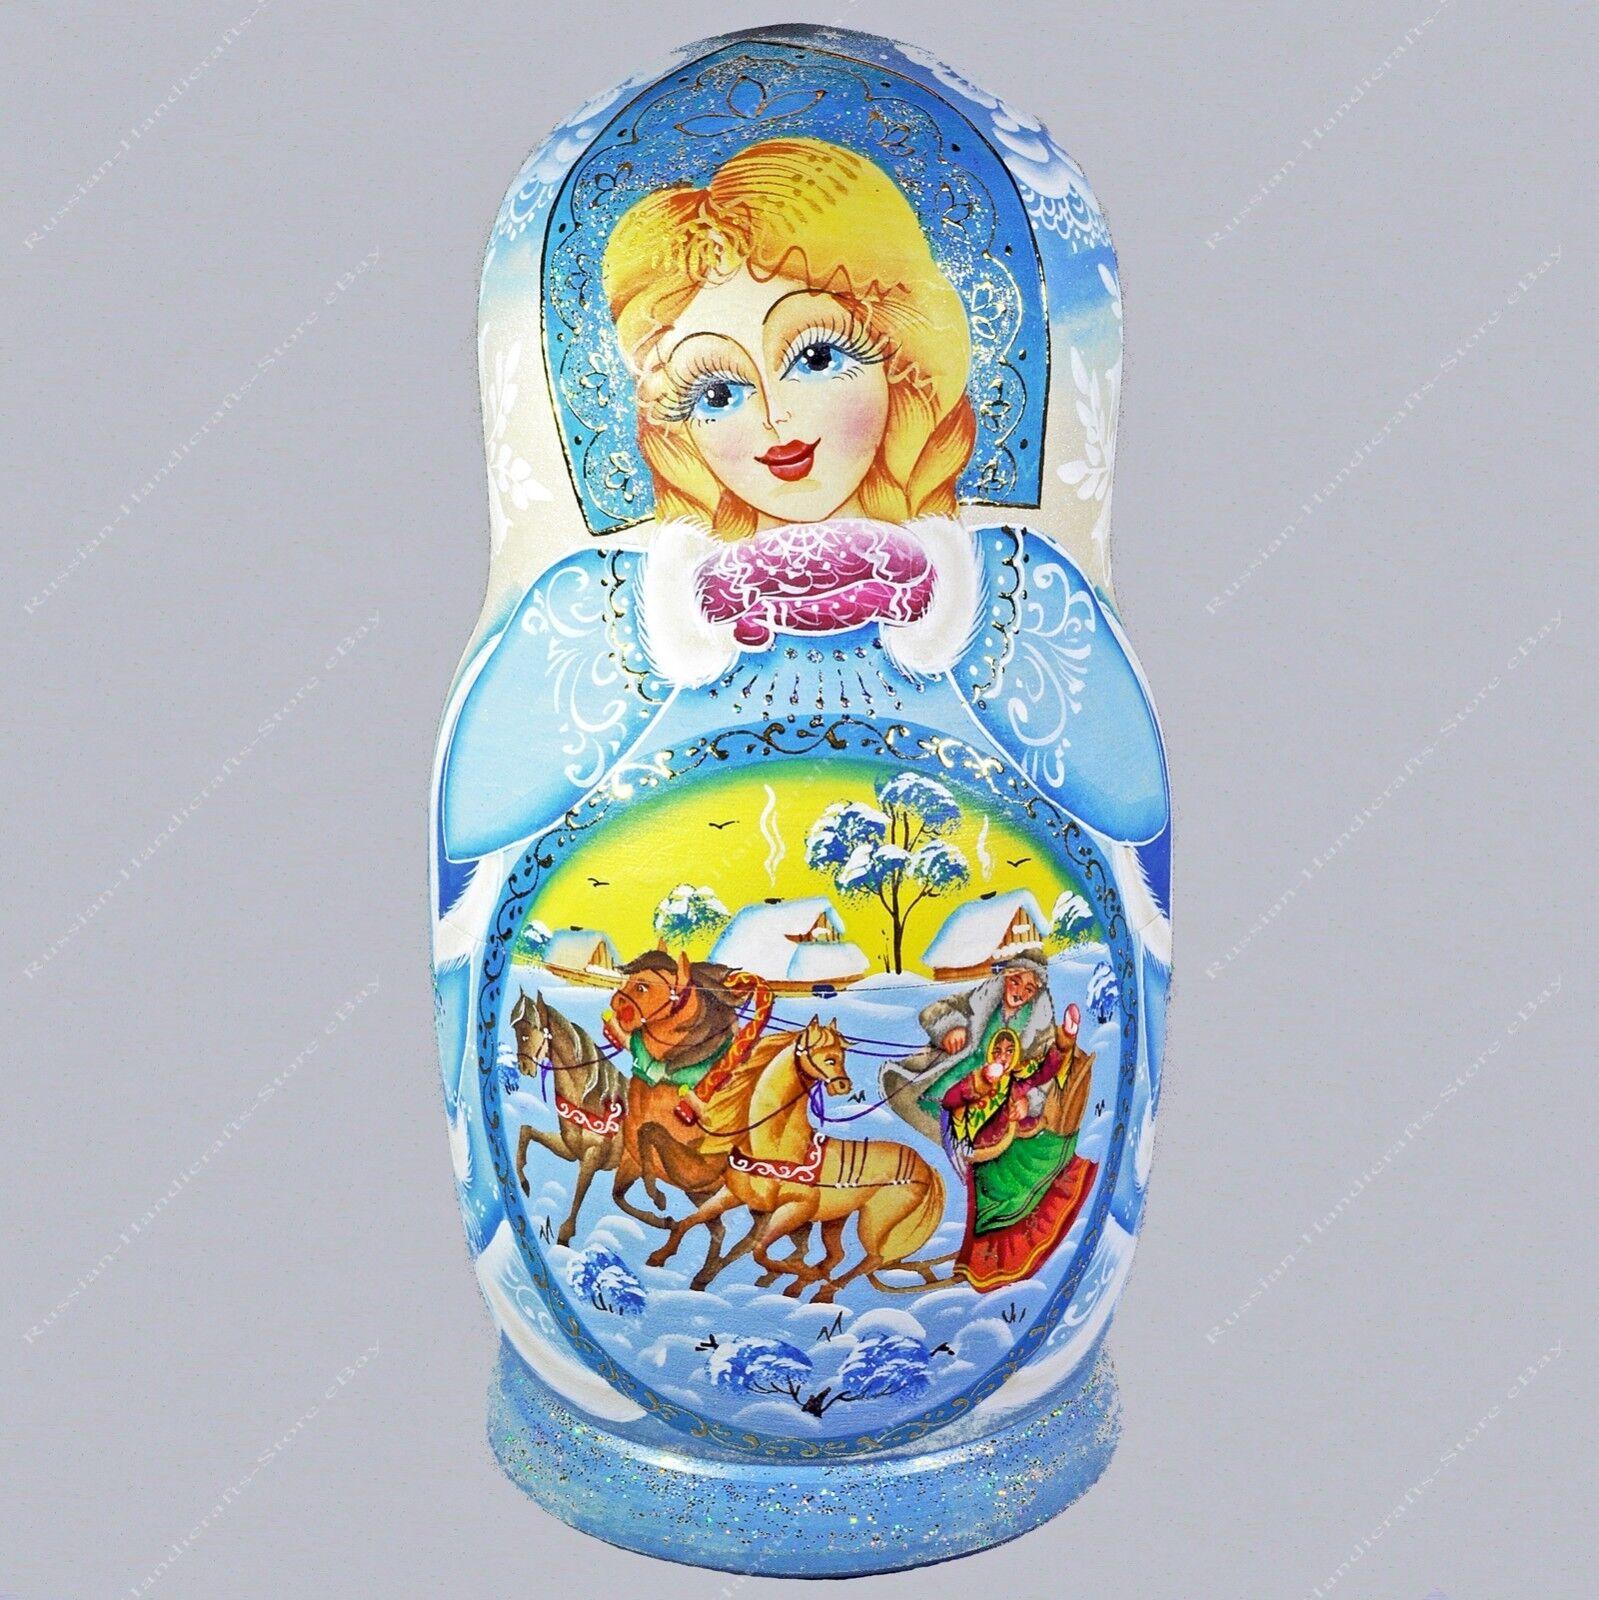 20.3cm Hermoso Ruso Invierno Matrioska Muñecas-caja Fedoskino Miniaturas 7PCS